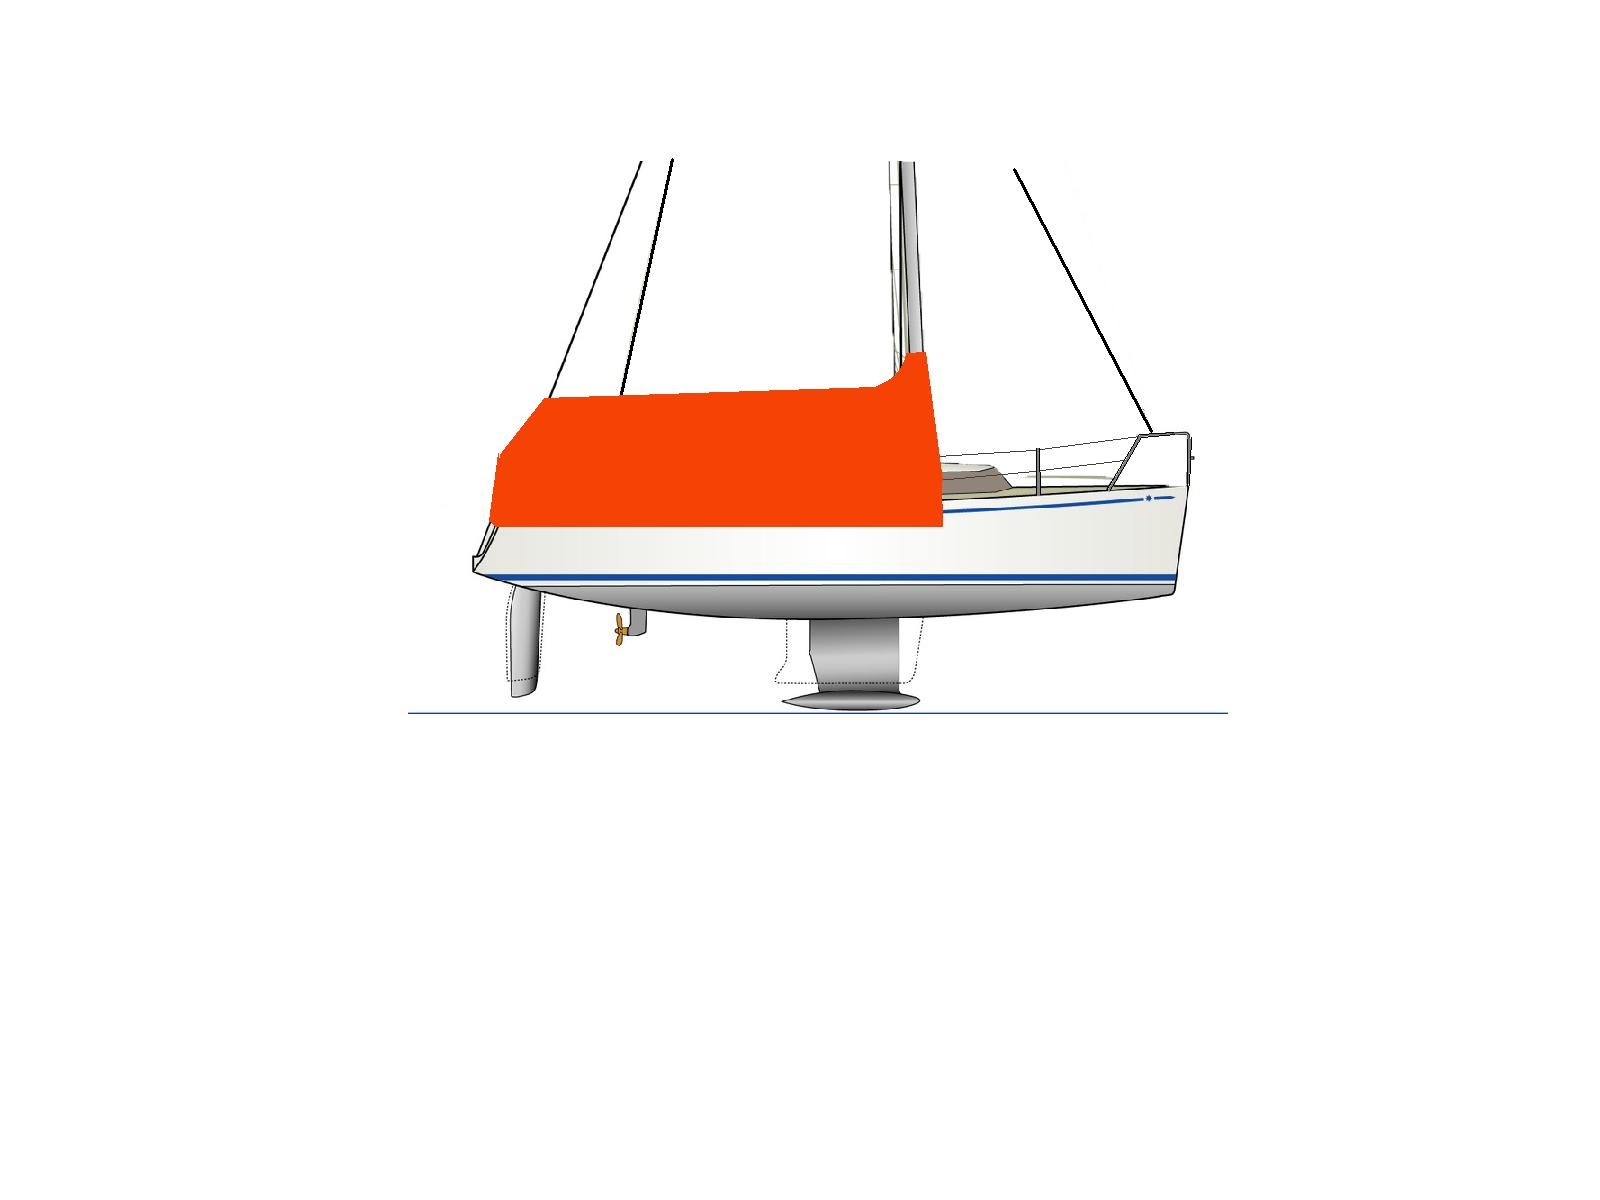 02 02 02  Typ F Segelboot Plichtpersenning langer Rand.PNG02 02 02  Typ F Segelboot Plichtpersenning langer Rand